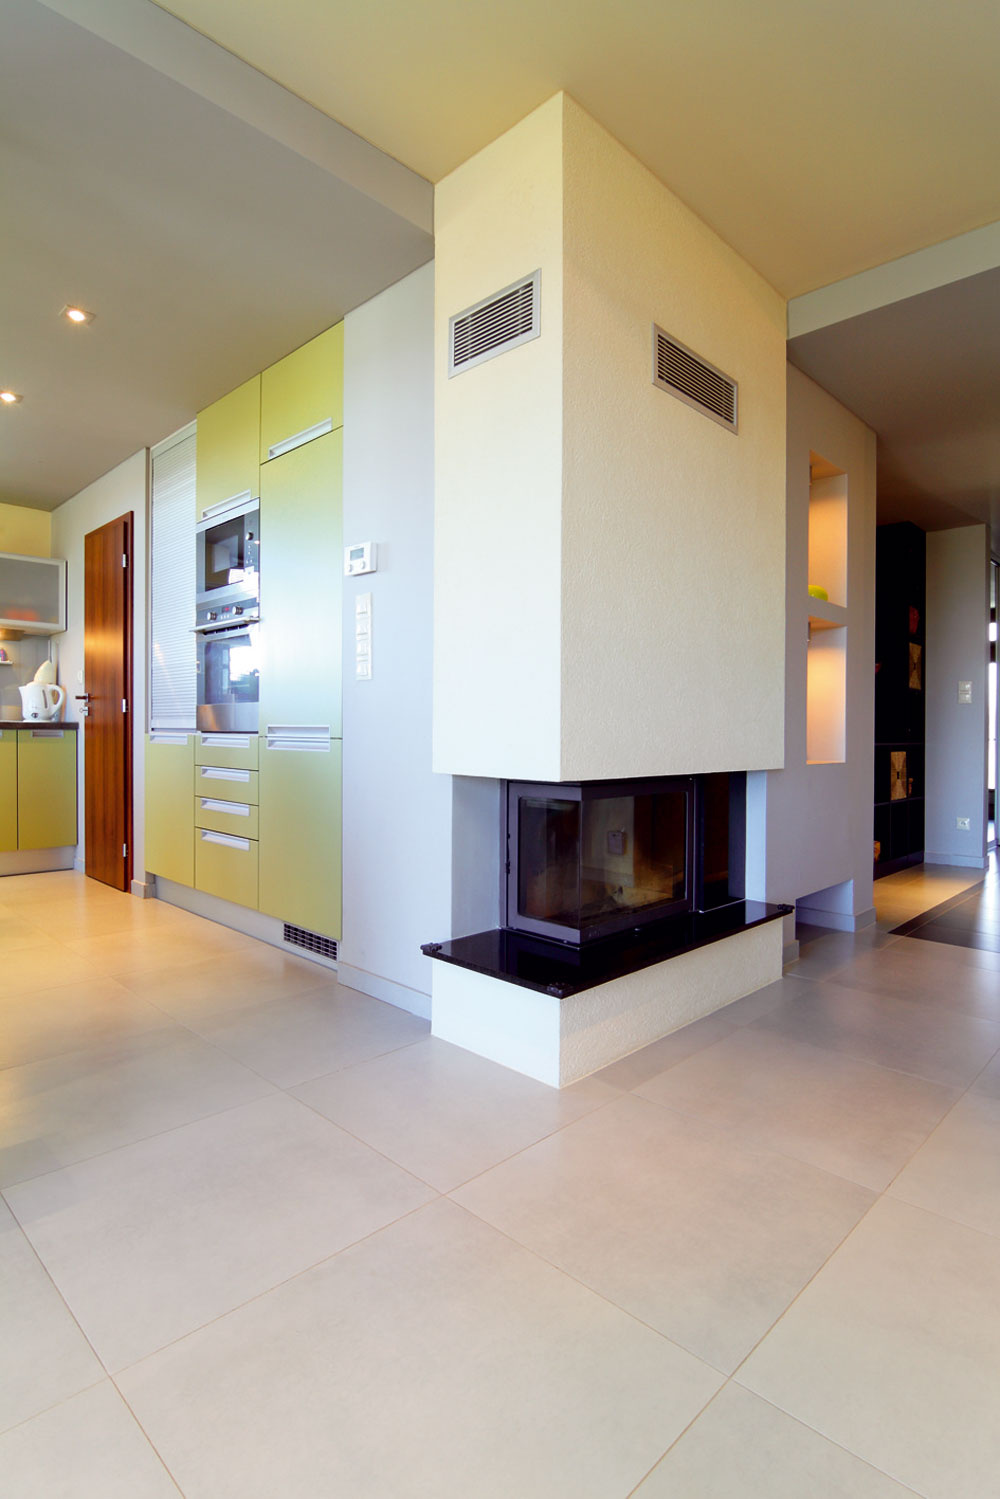 Obývacia izba plynule prechádza cez presne nedefinovanú halu do priestrannej kuchyne smiestom na stolovanie. Pocit plynulosti umocňuje veľkoformátová dlažba, ktorá pokrýva celú spoločenskú časť domu.